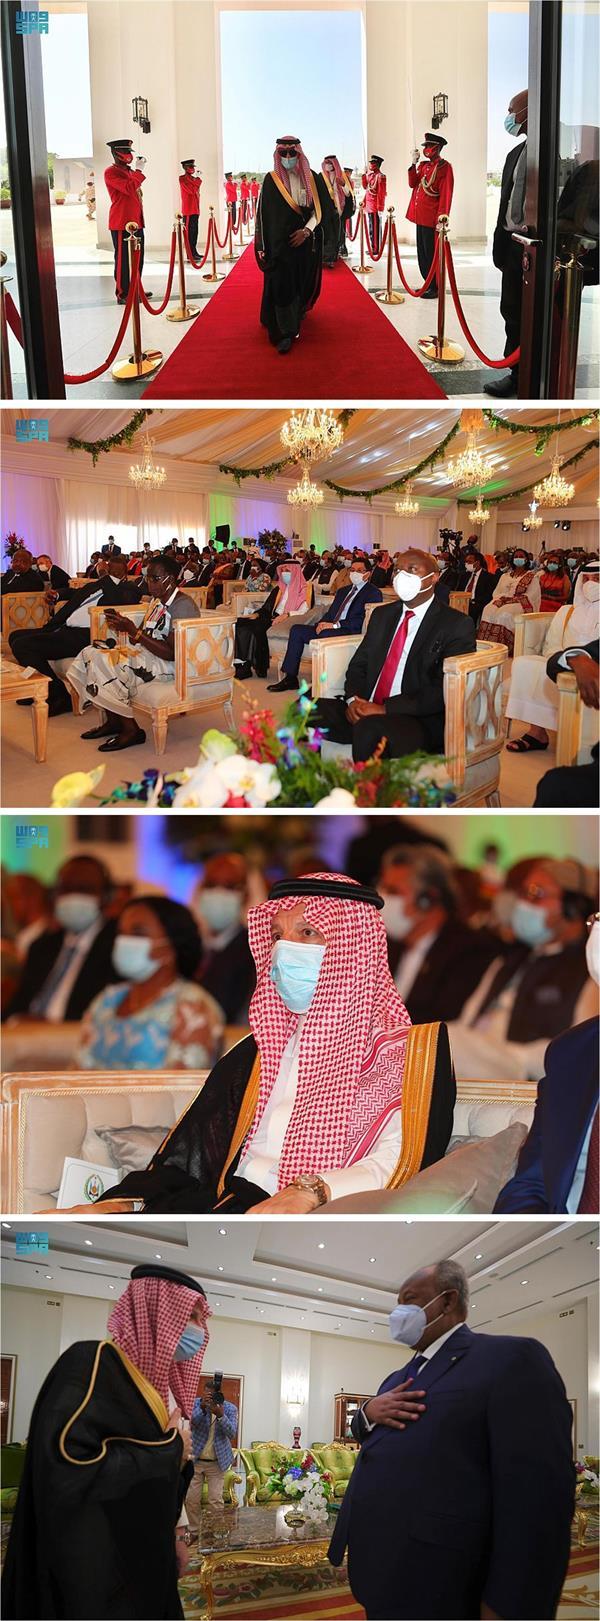 نيابة عن خادم الحرمين.. قطان يشارك في مراسم تنصيب رئيس جيبوتي